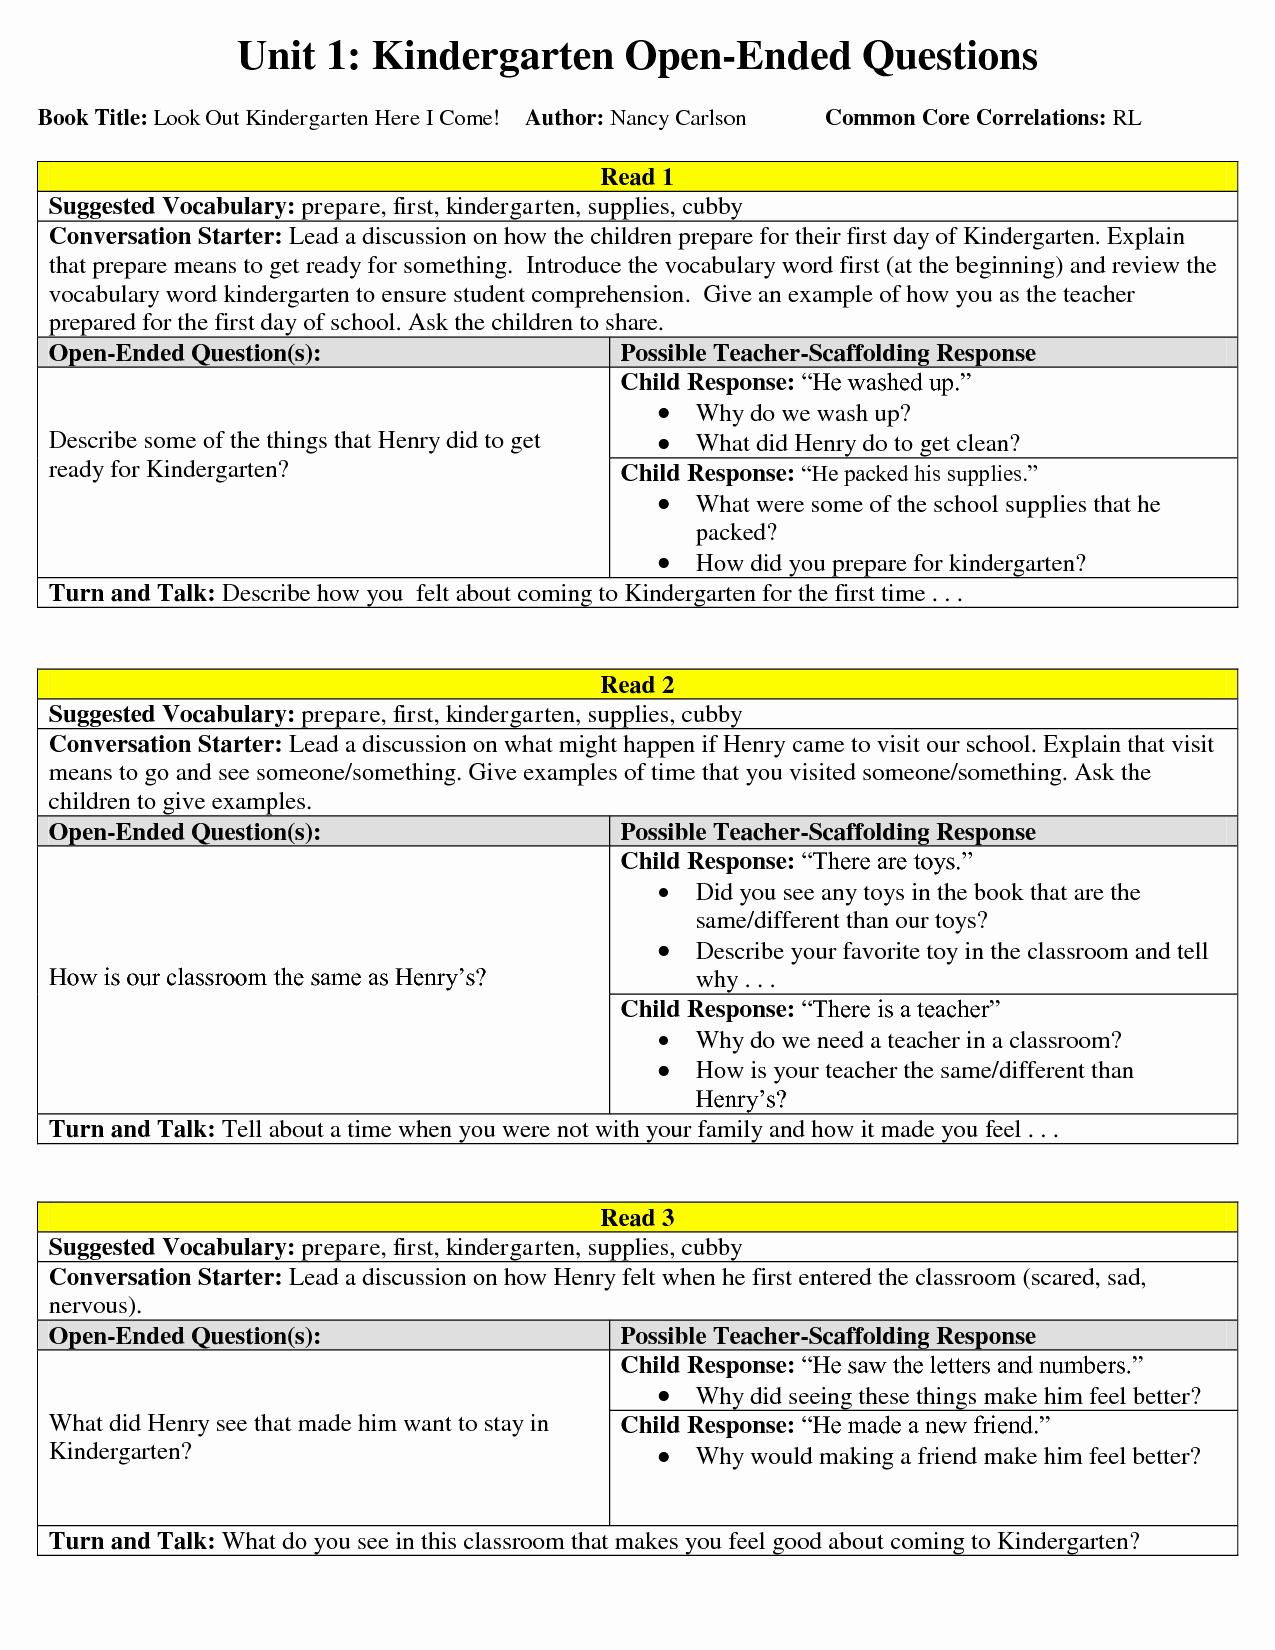 Kindergarten Lesson Plan Template Fresh Mon Core Lessons for Kindergarten